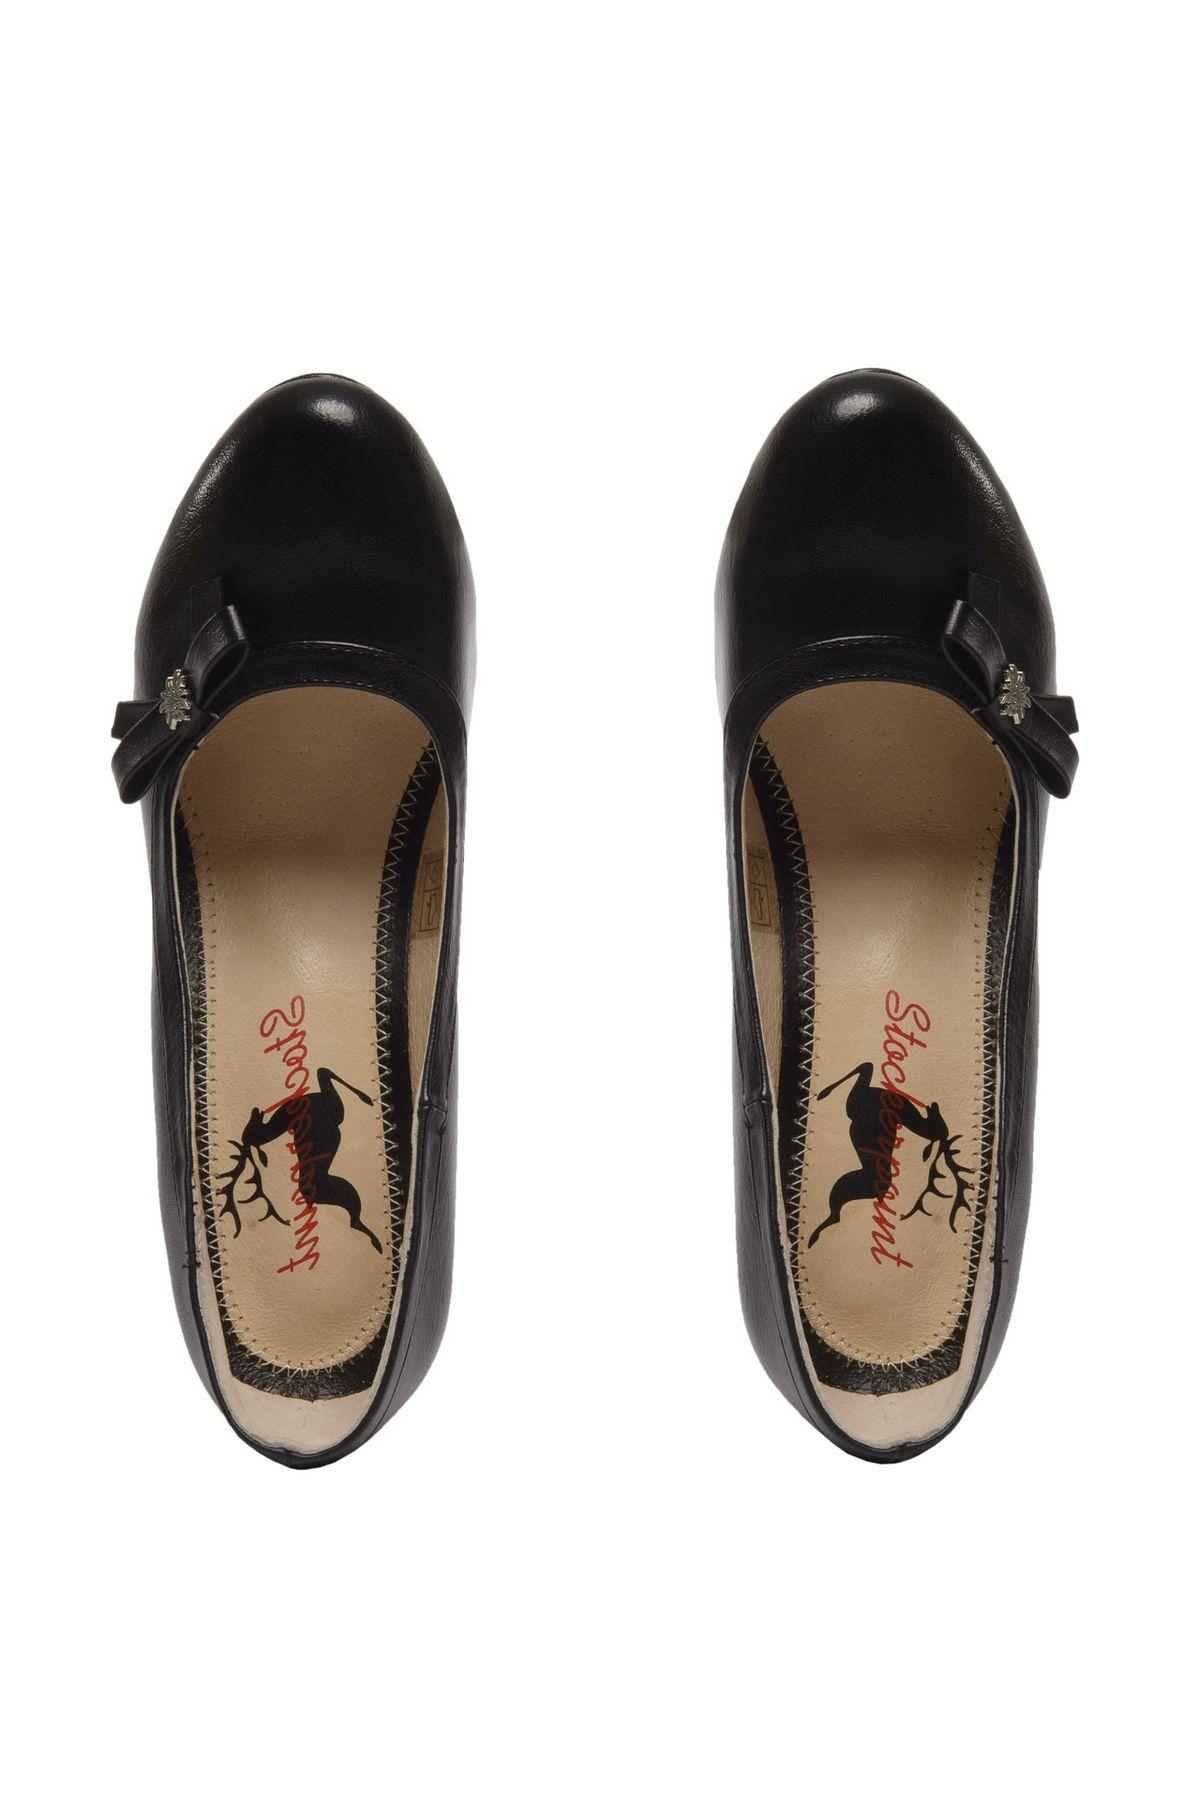 STOCKERPOINT - Damen Trachten Schuhe in Schwarz, 6070 – Bild 5